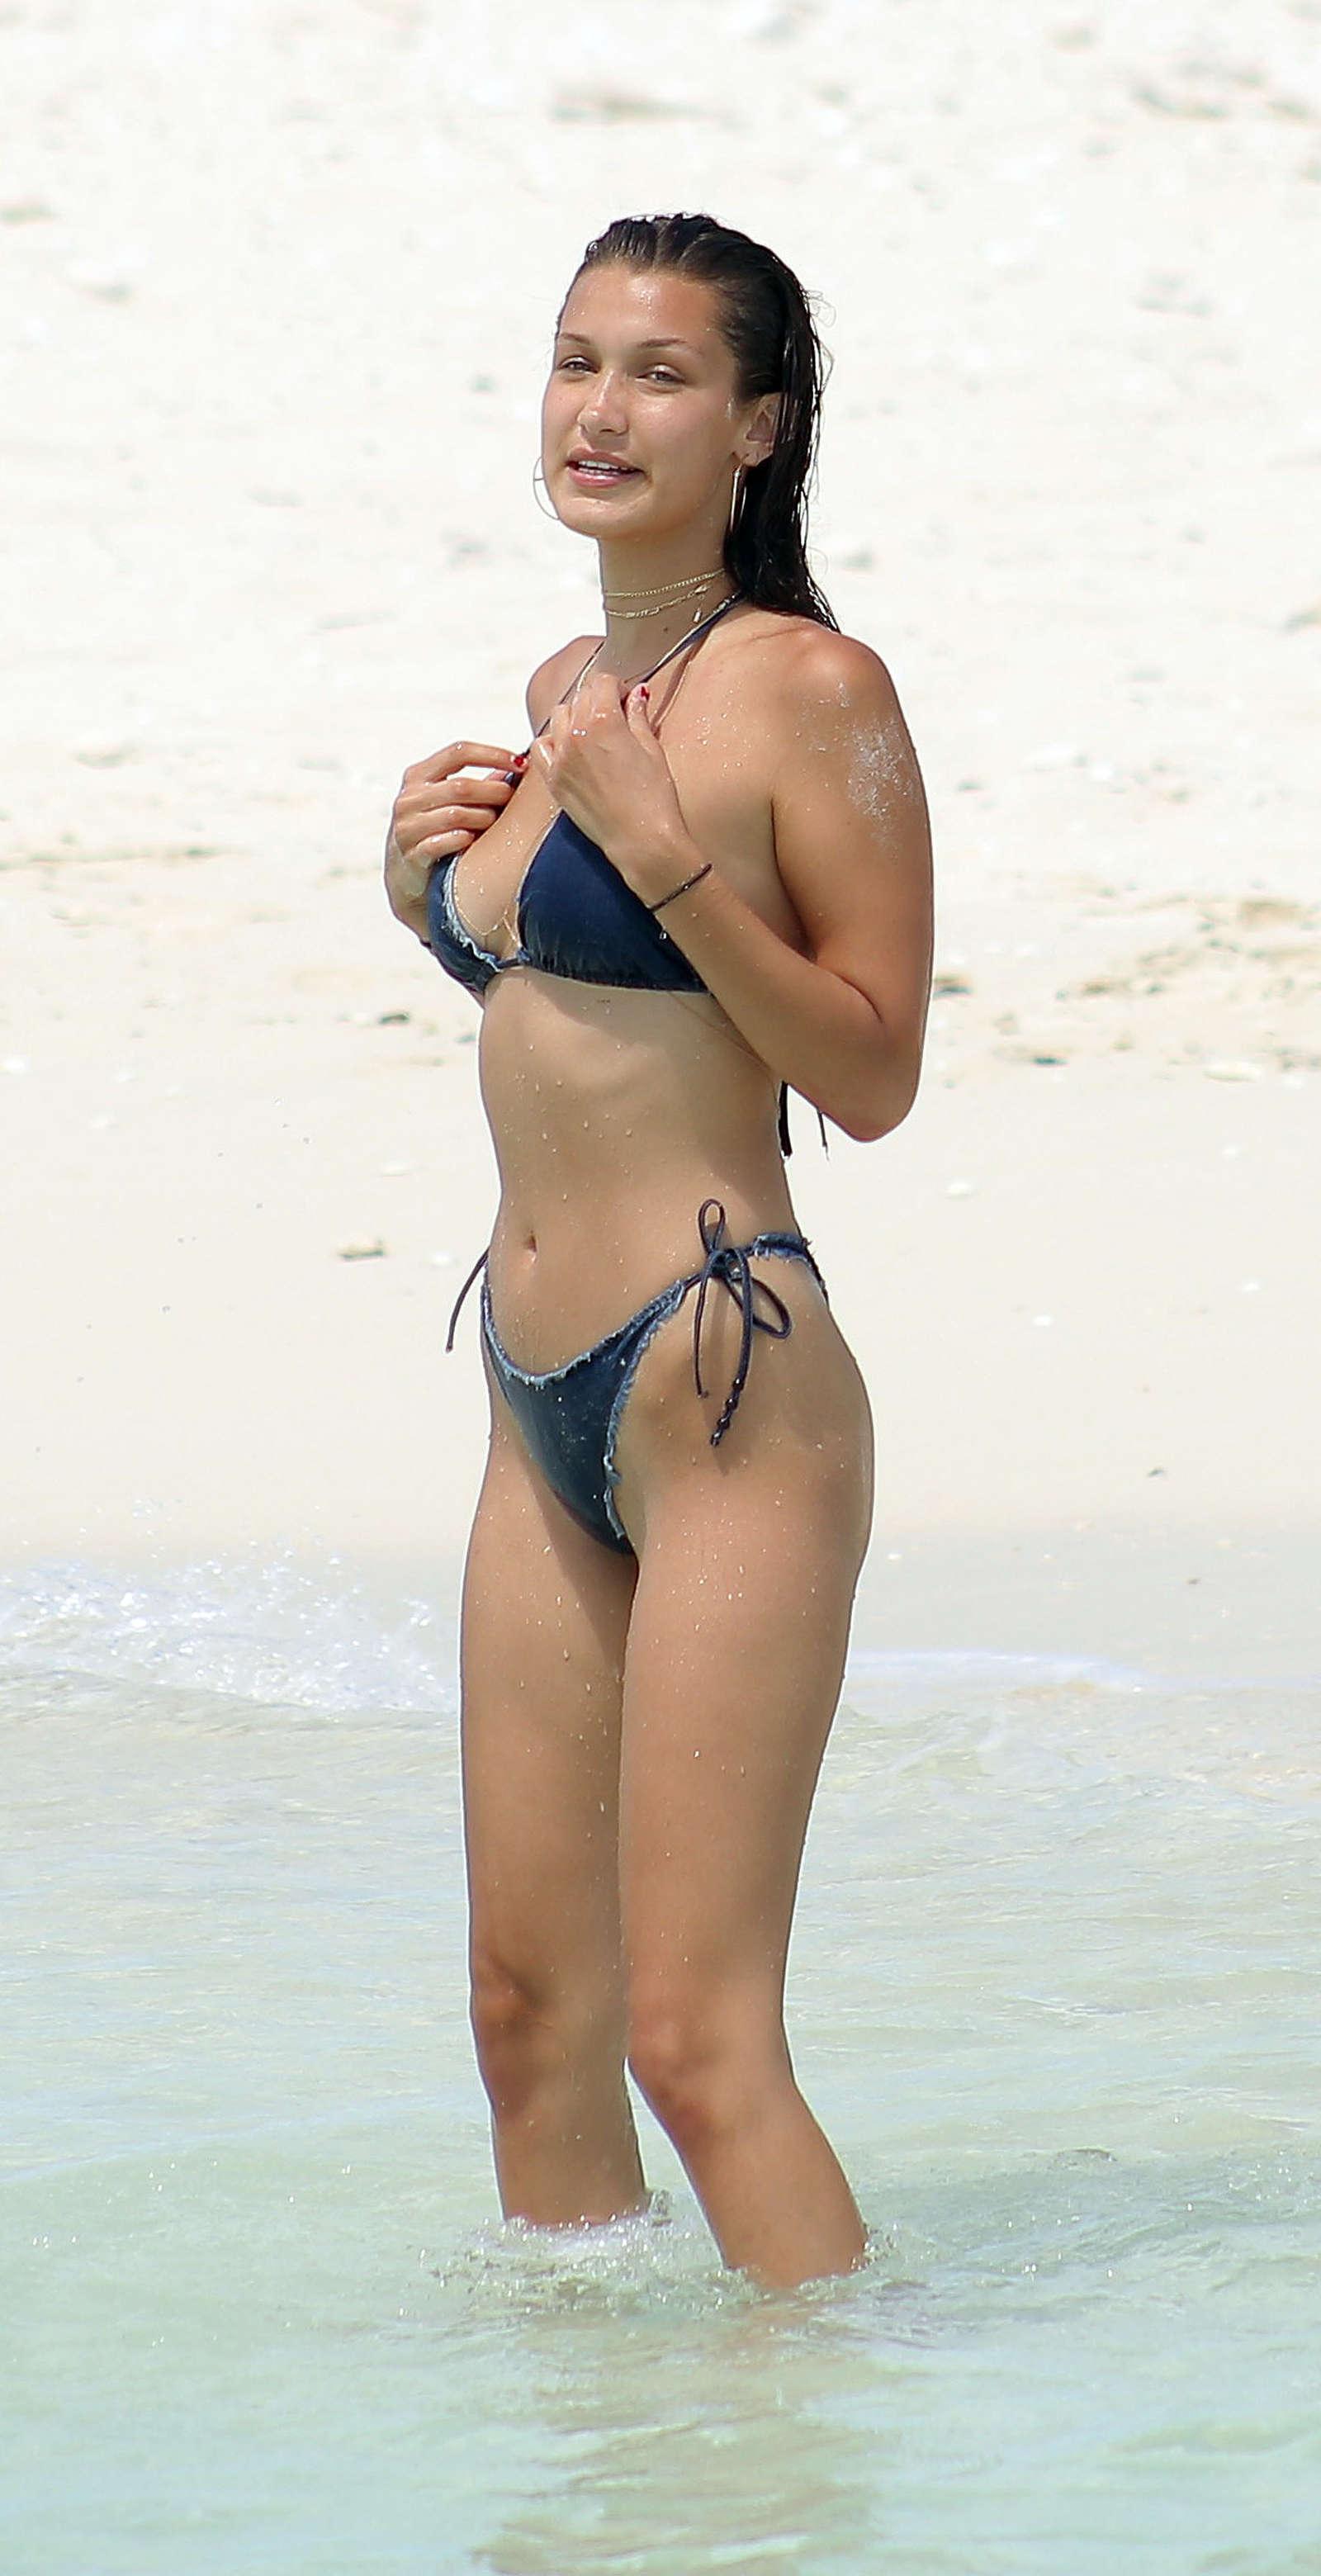 Kim kardashian latest naked photos-1338